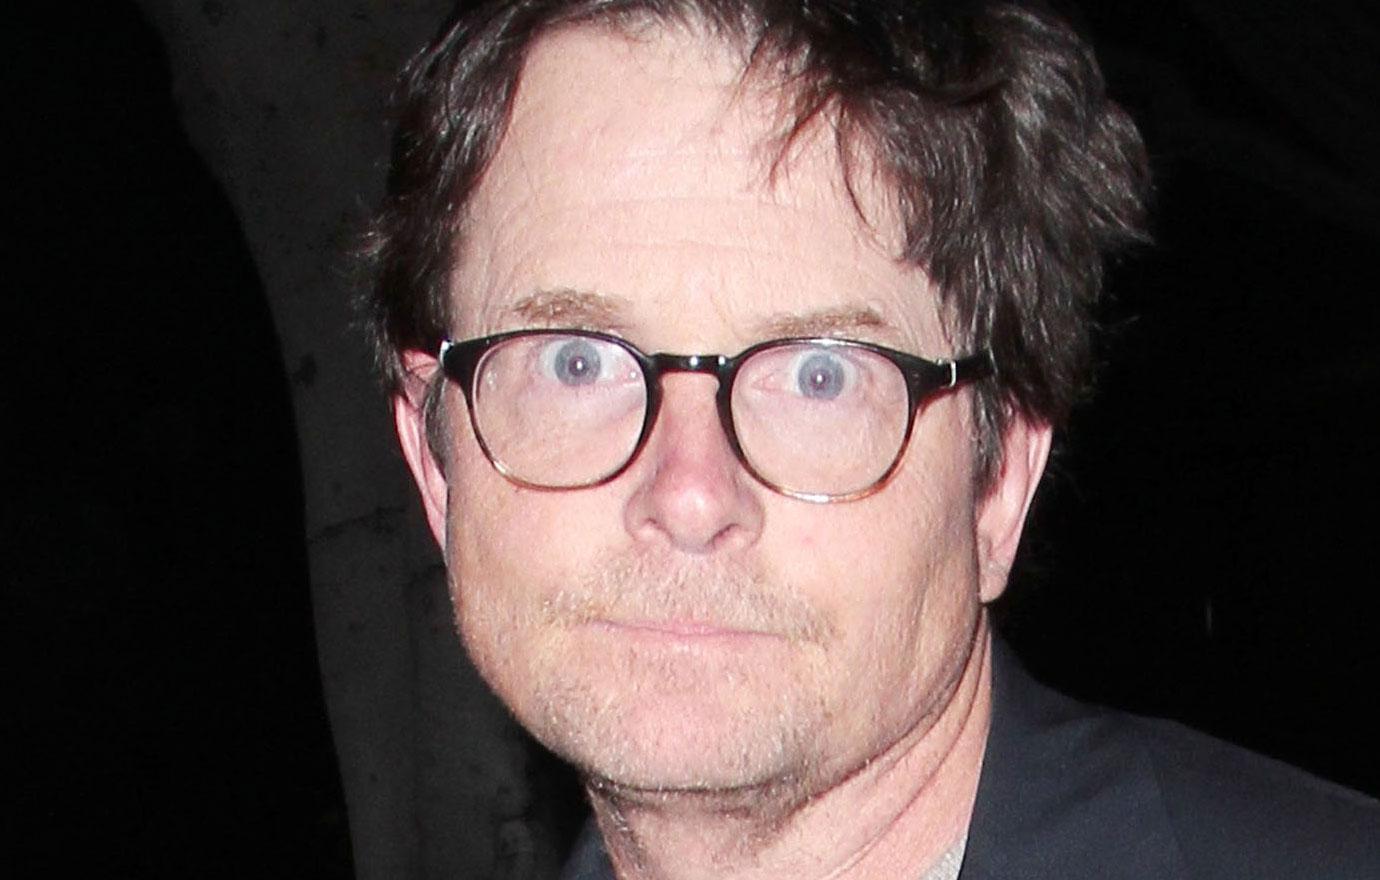 Parkinson's Victim Michael J. Fox Has Spinal Surgery